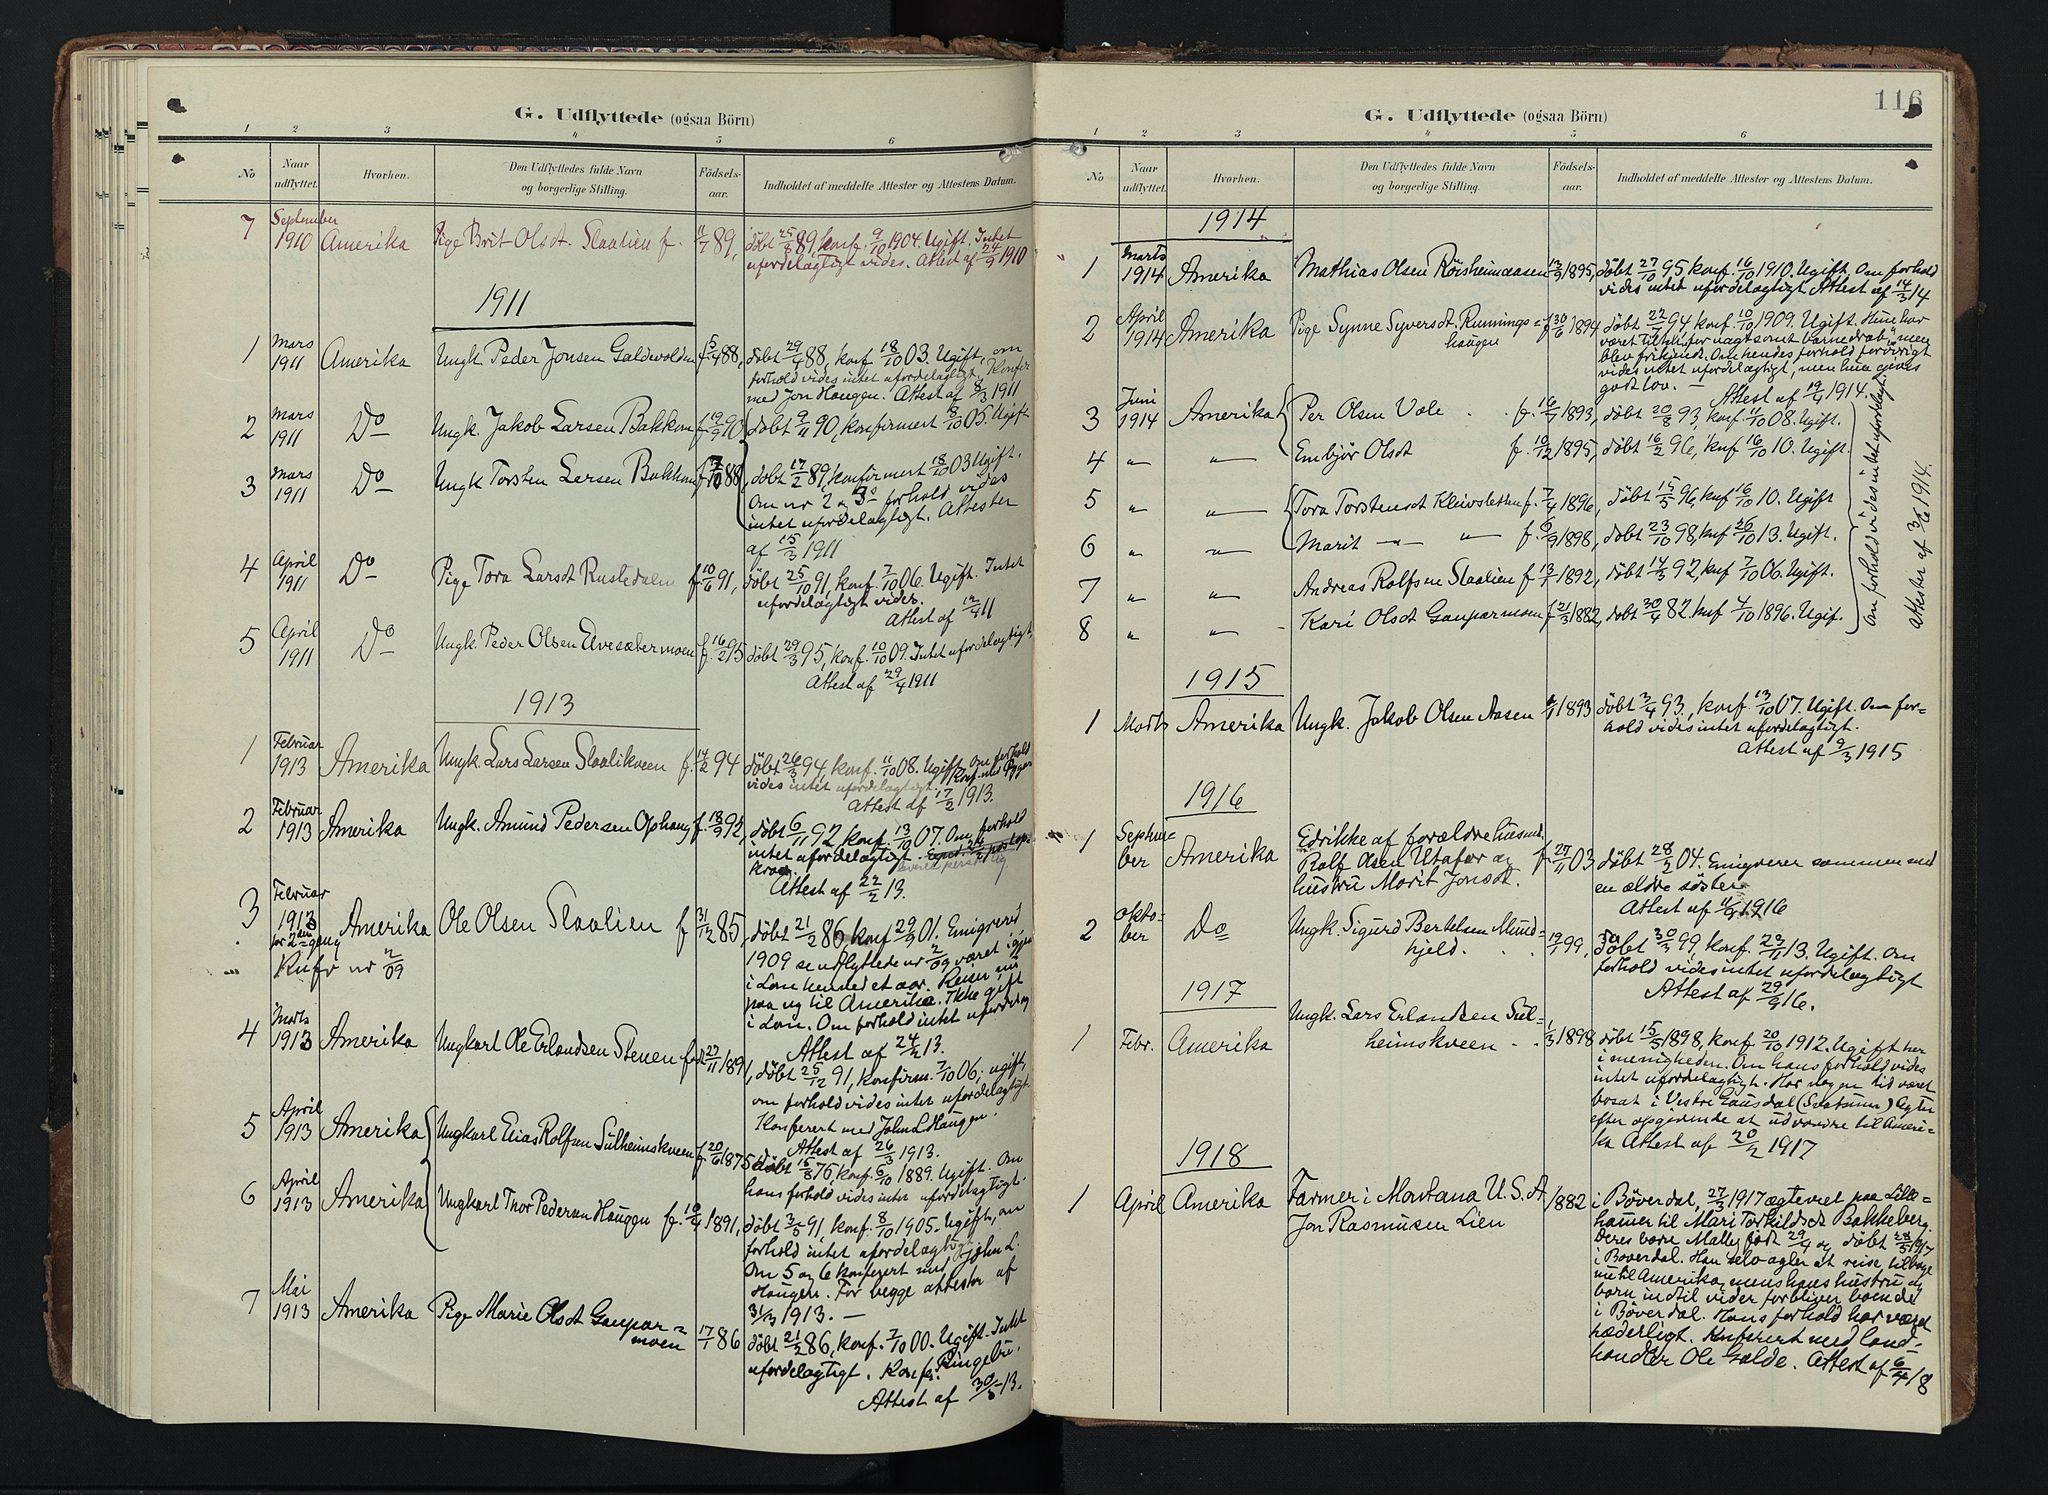 SAH, Lom prestekontor, K/L0012: Ministerialbok nr. 12, 1904-1928, s. 116